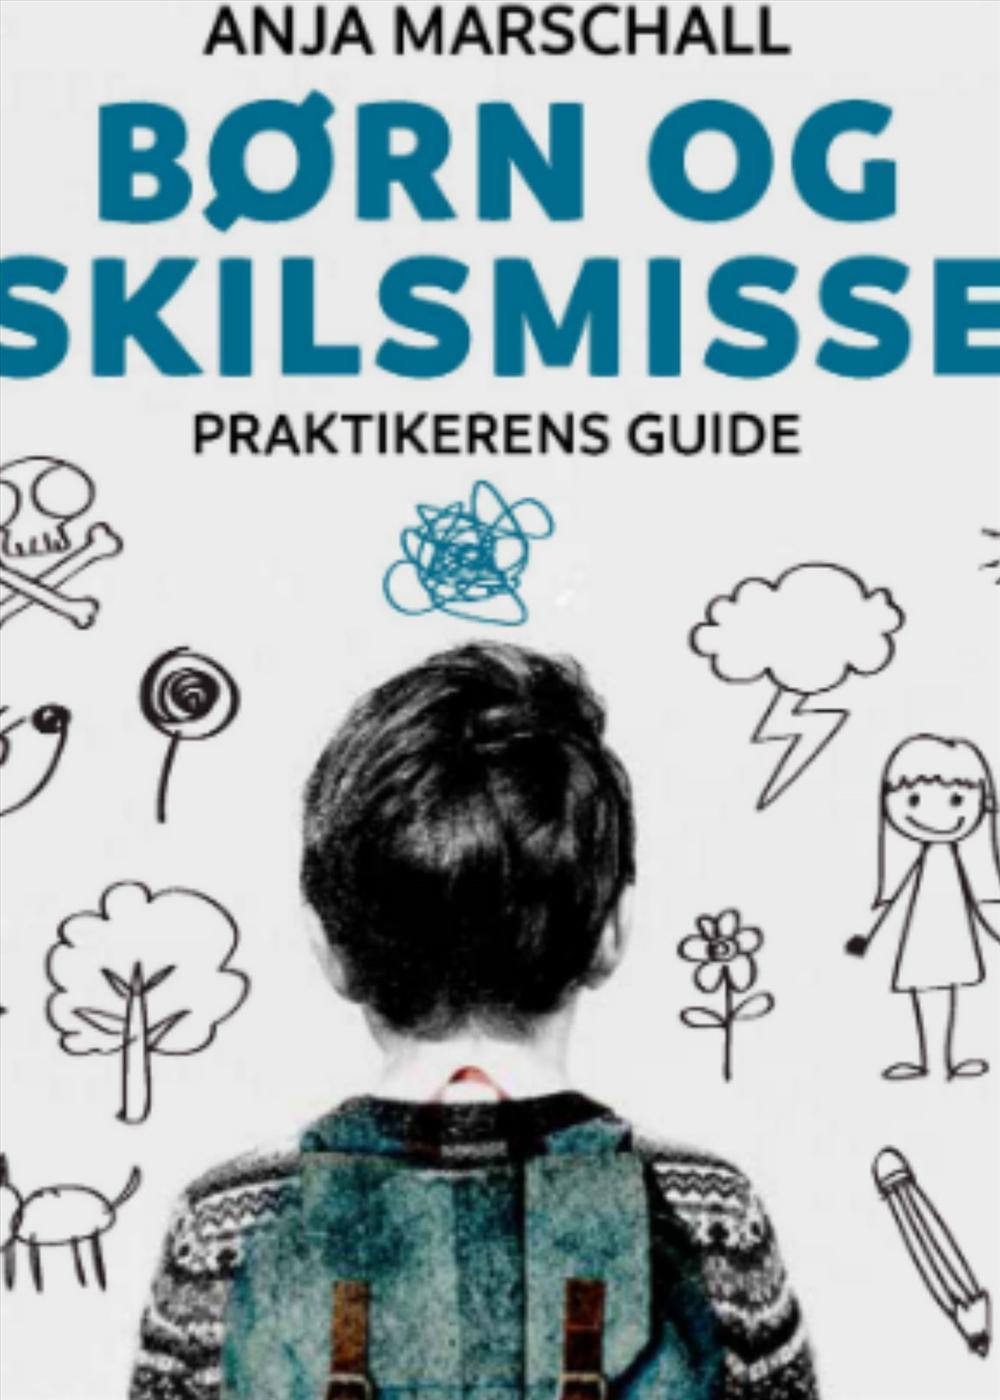 Børn og skilsmisse - Anja Marschall - Bøger - Samfundslitteratur - 9788759329061 - December 15, 2016